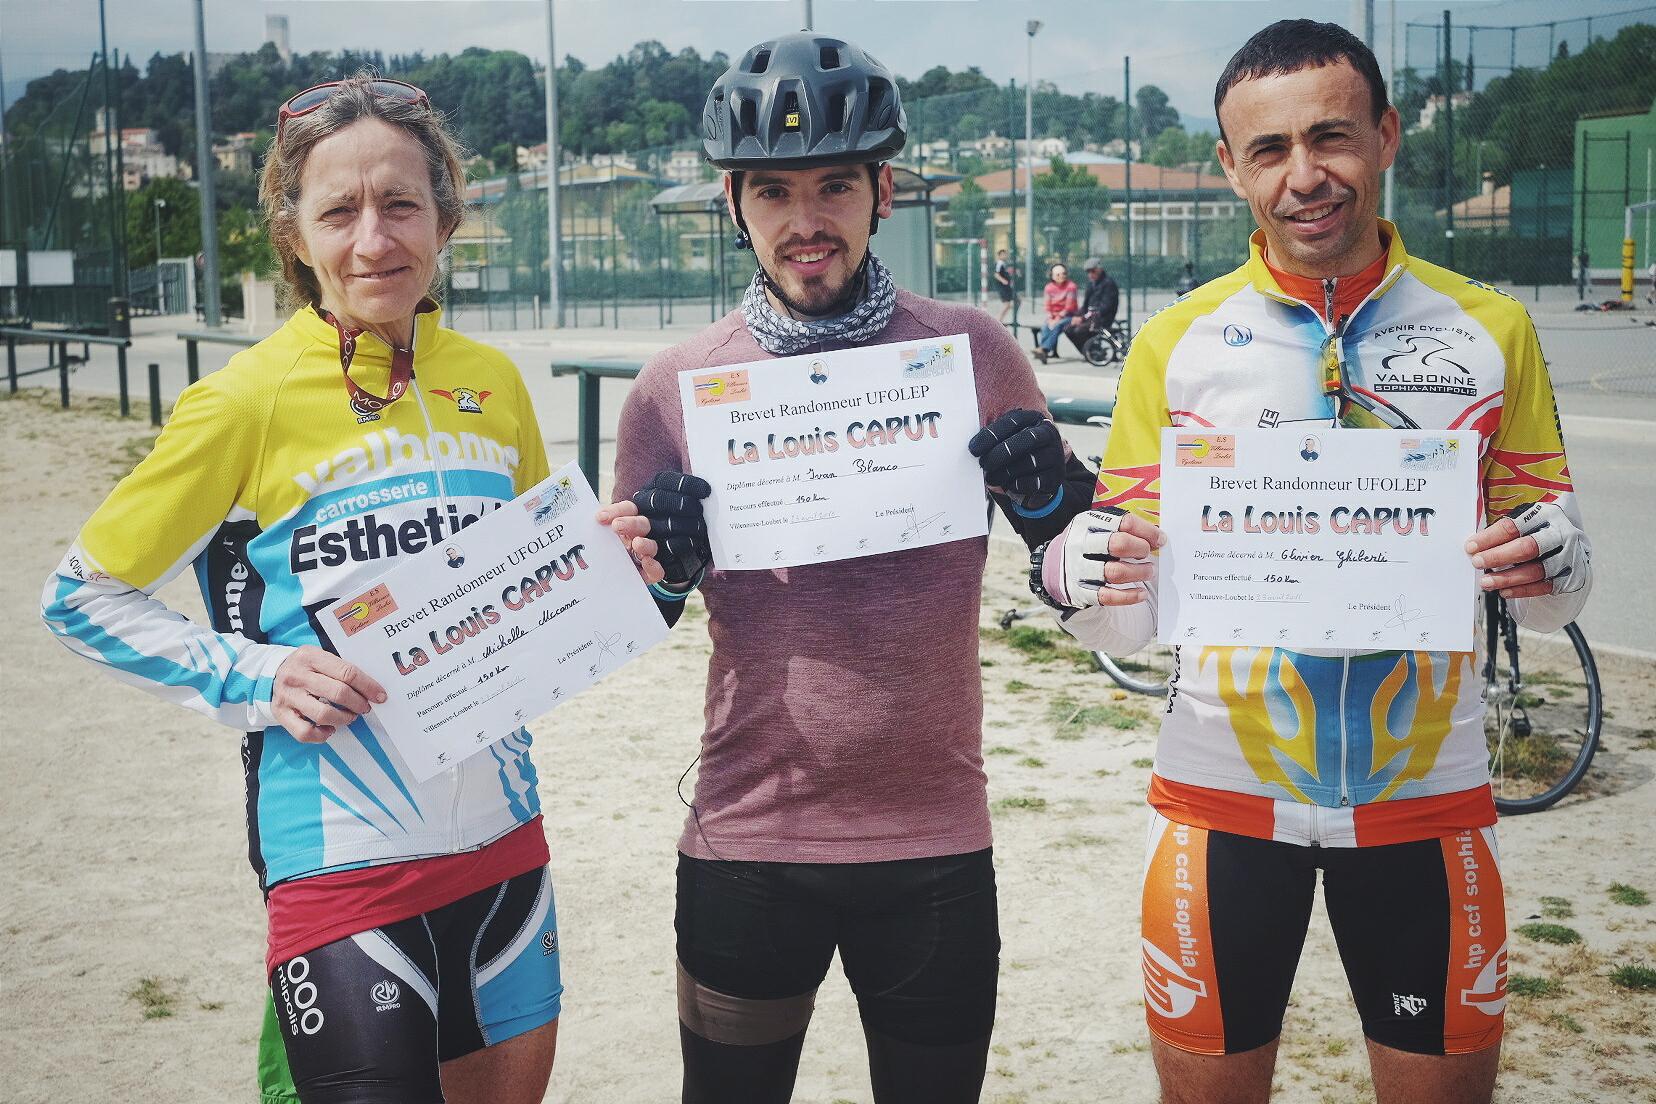 Sportive Louis Caput 2016 by Ivan Blanco (27) - Cycling Louis Caput Friends Michelle Olivier Adventure France South Villeneuve Loubet Provence